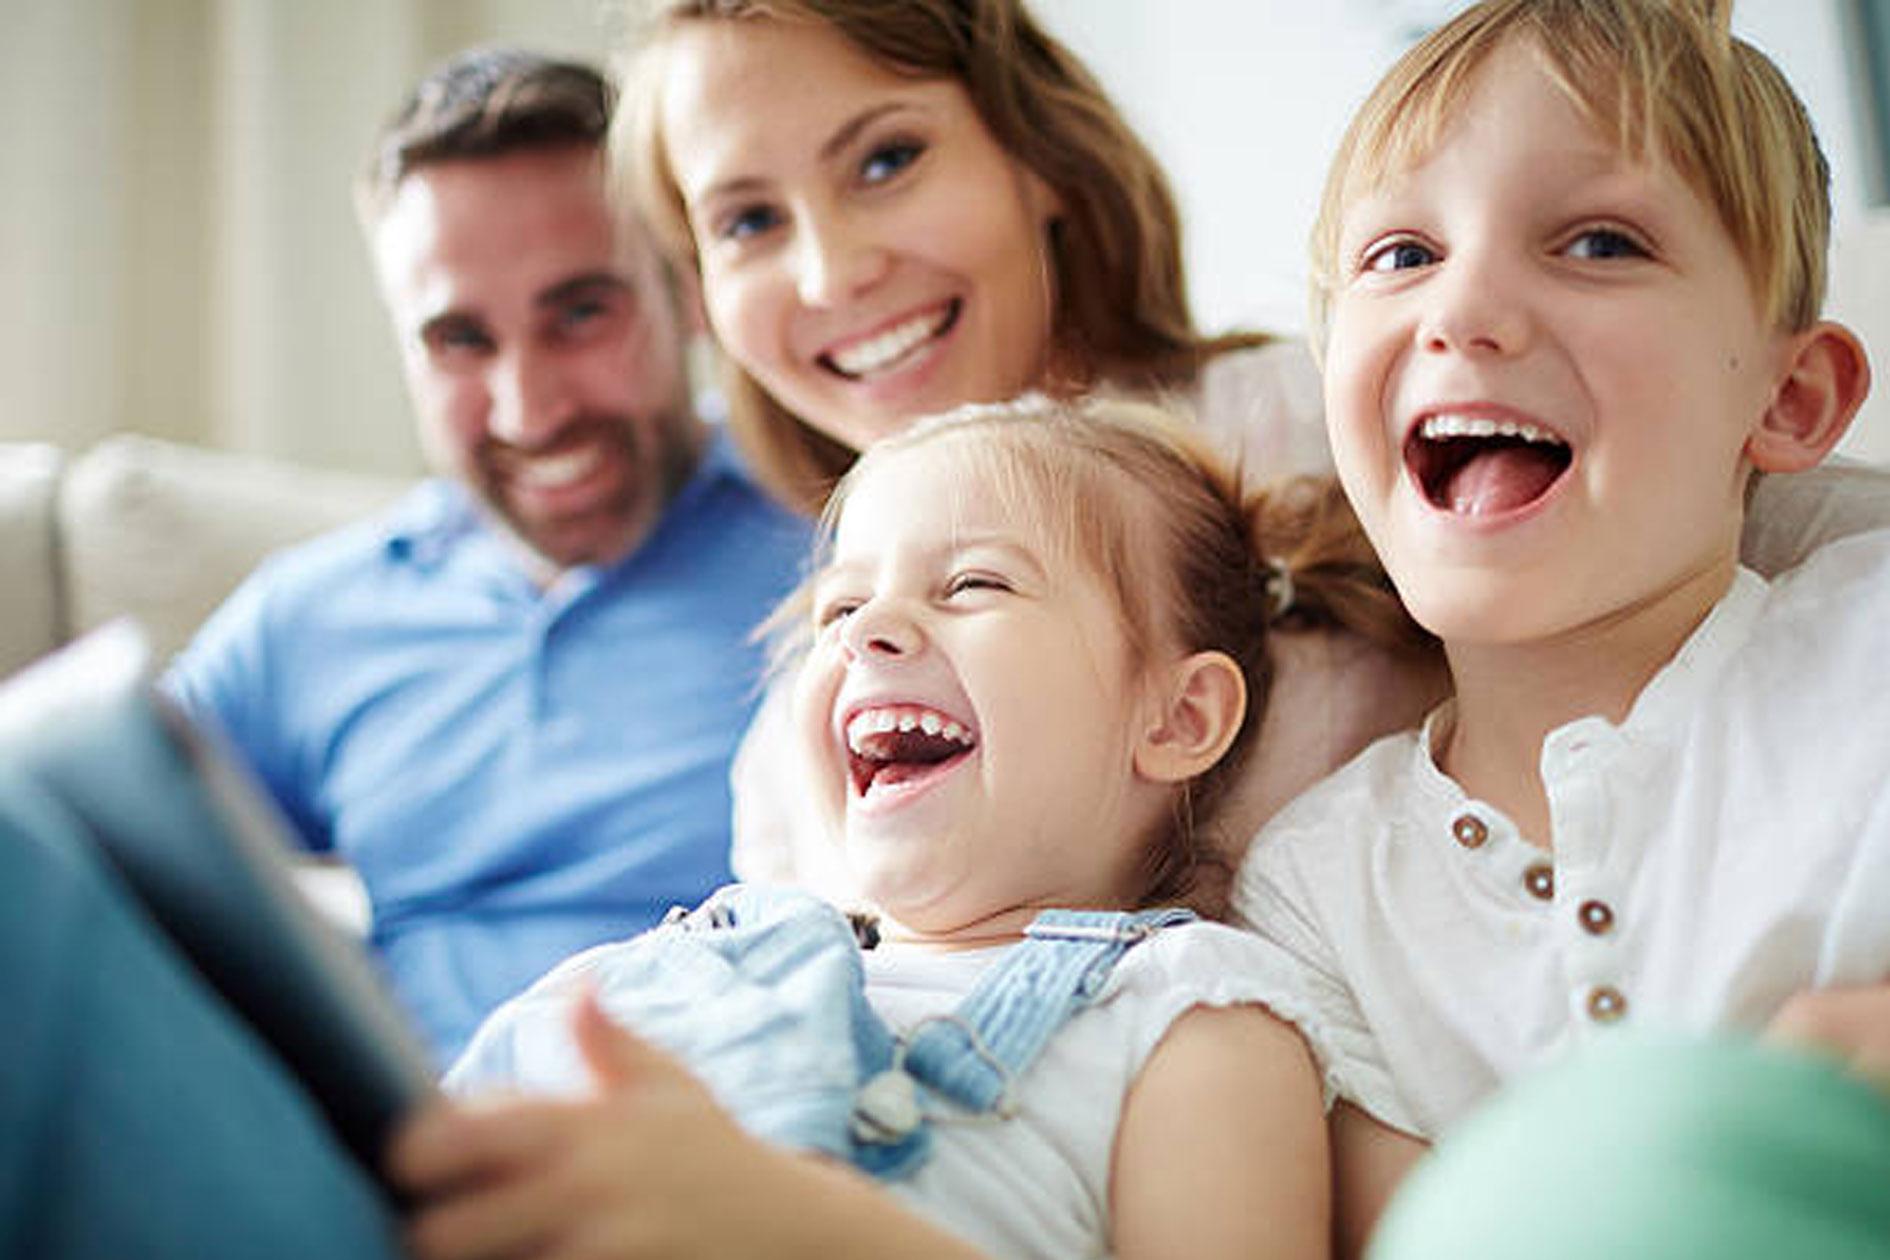 روانشناسی خانواده - کد دوره : 91301849